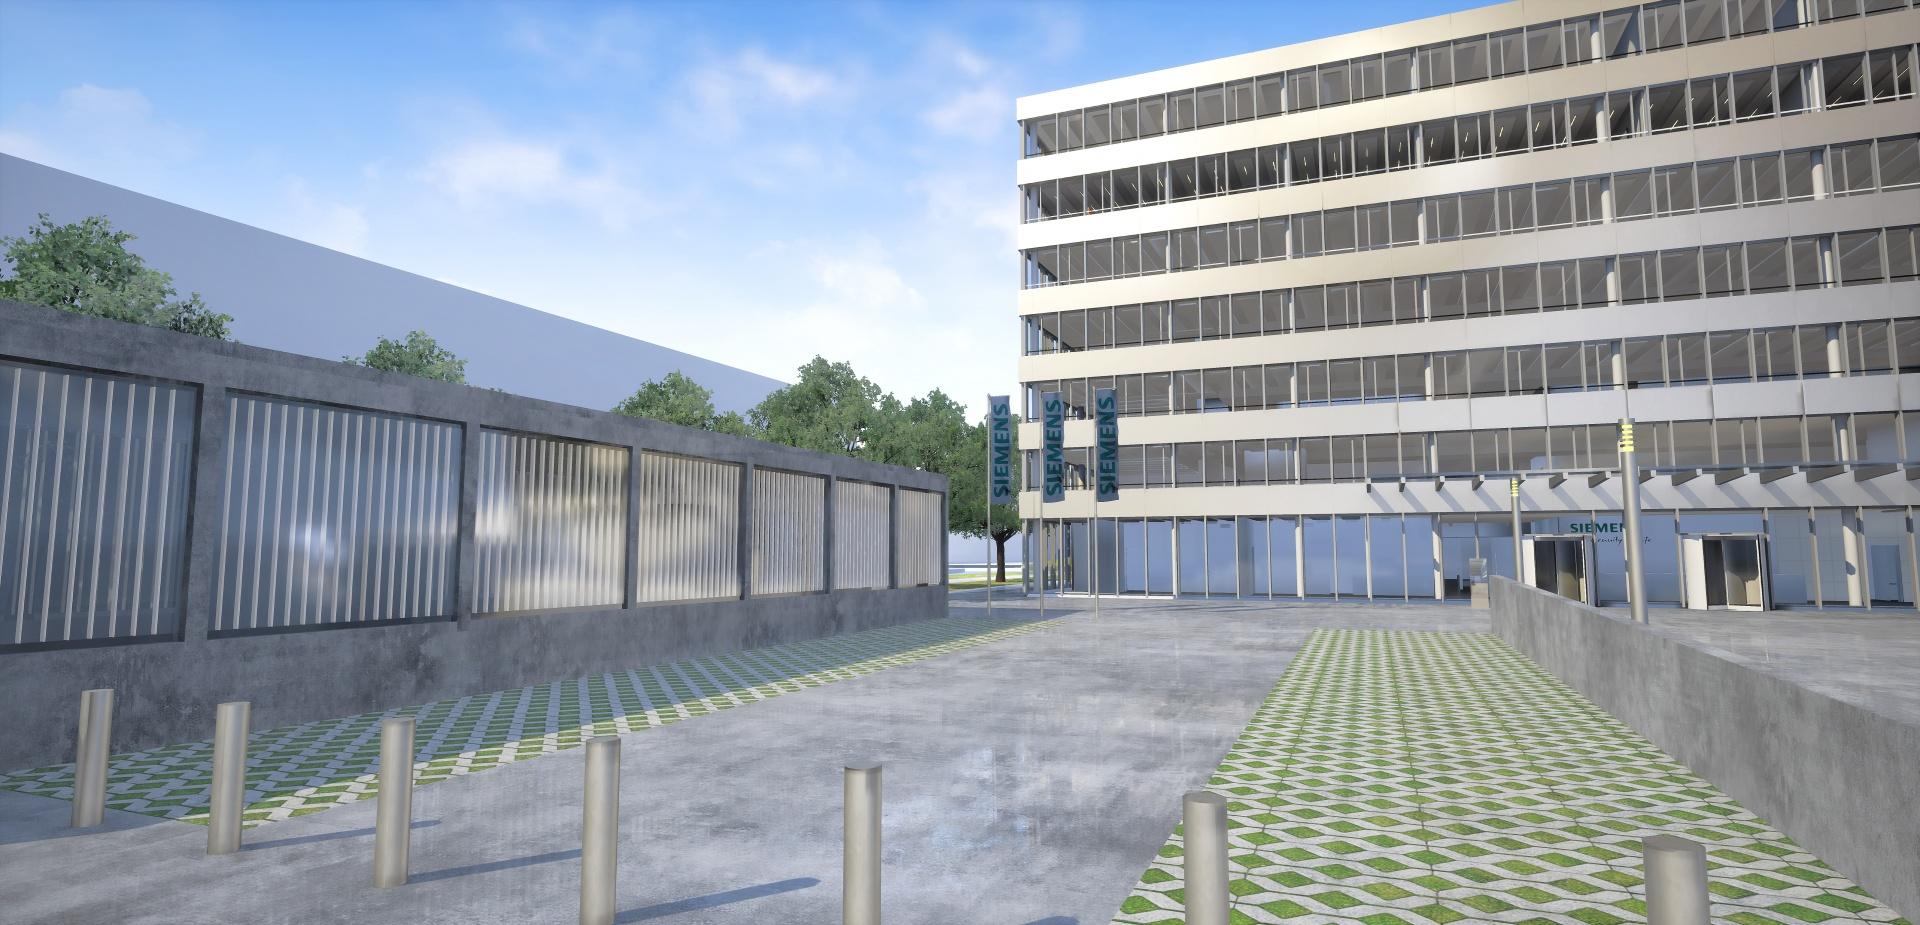 Aussenszene aus VR-Anwendung © STRABAG SE, Siemens AG